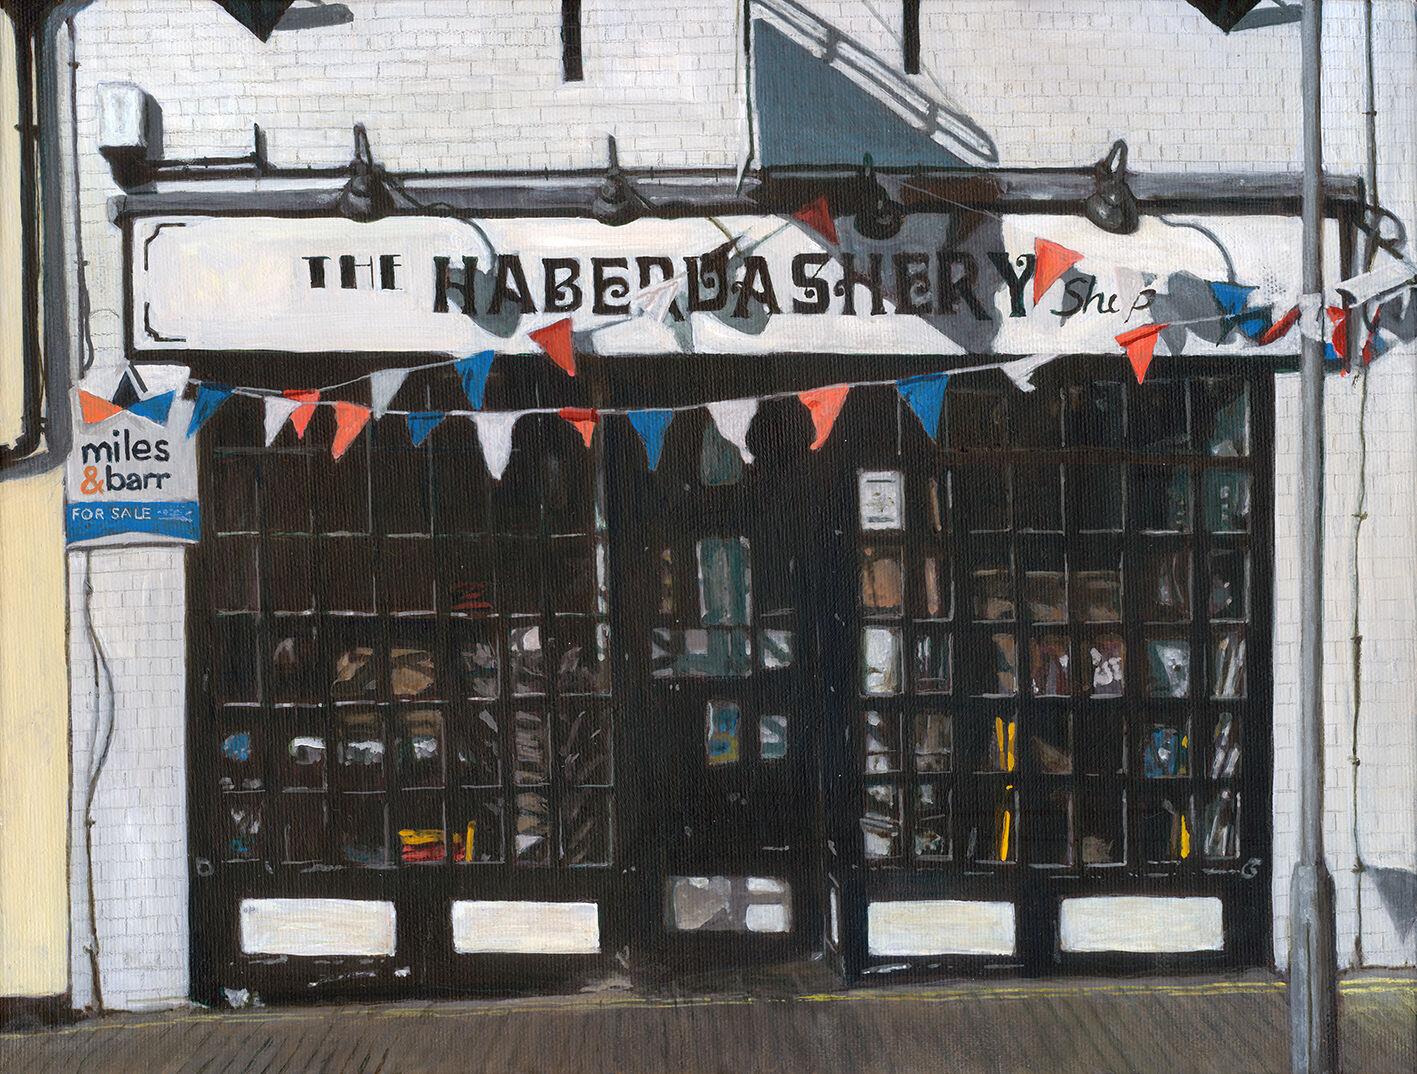 Haberdashery, Ramsgate 72dpi